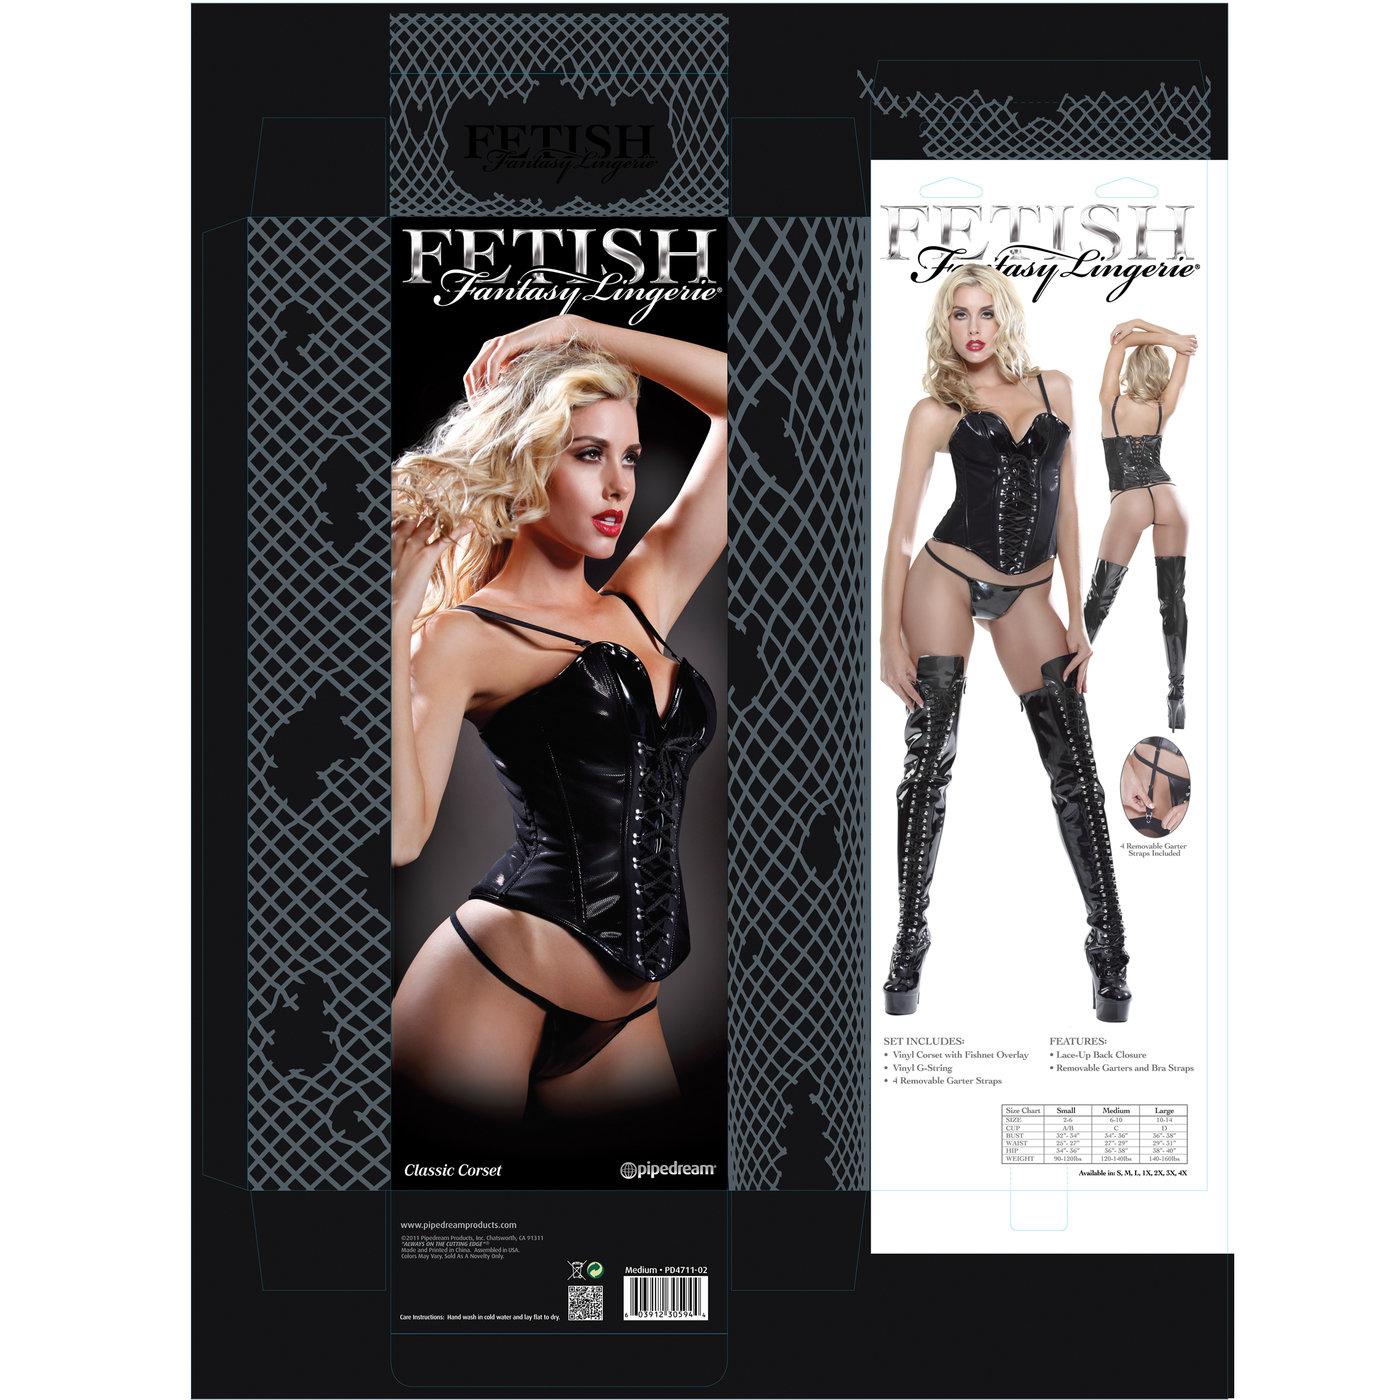 Packaging Design By Albert Ostiz At Coroflot Com